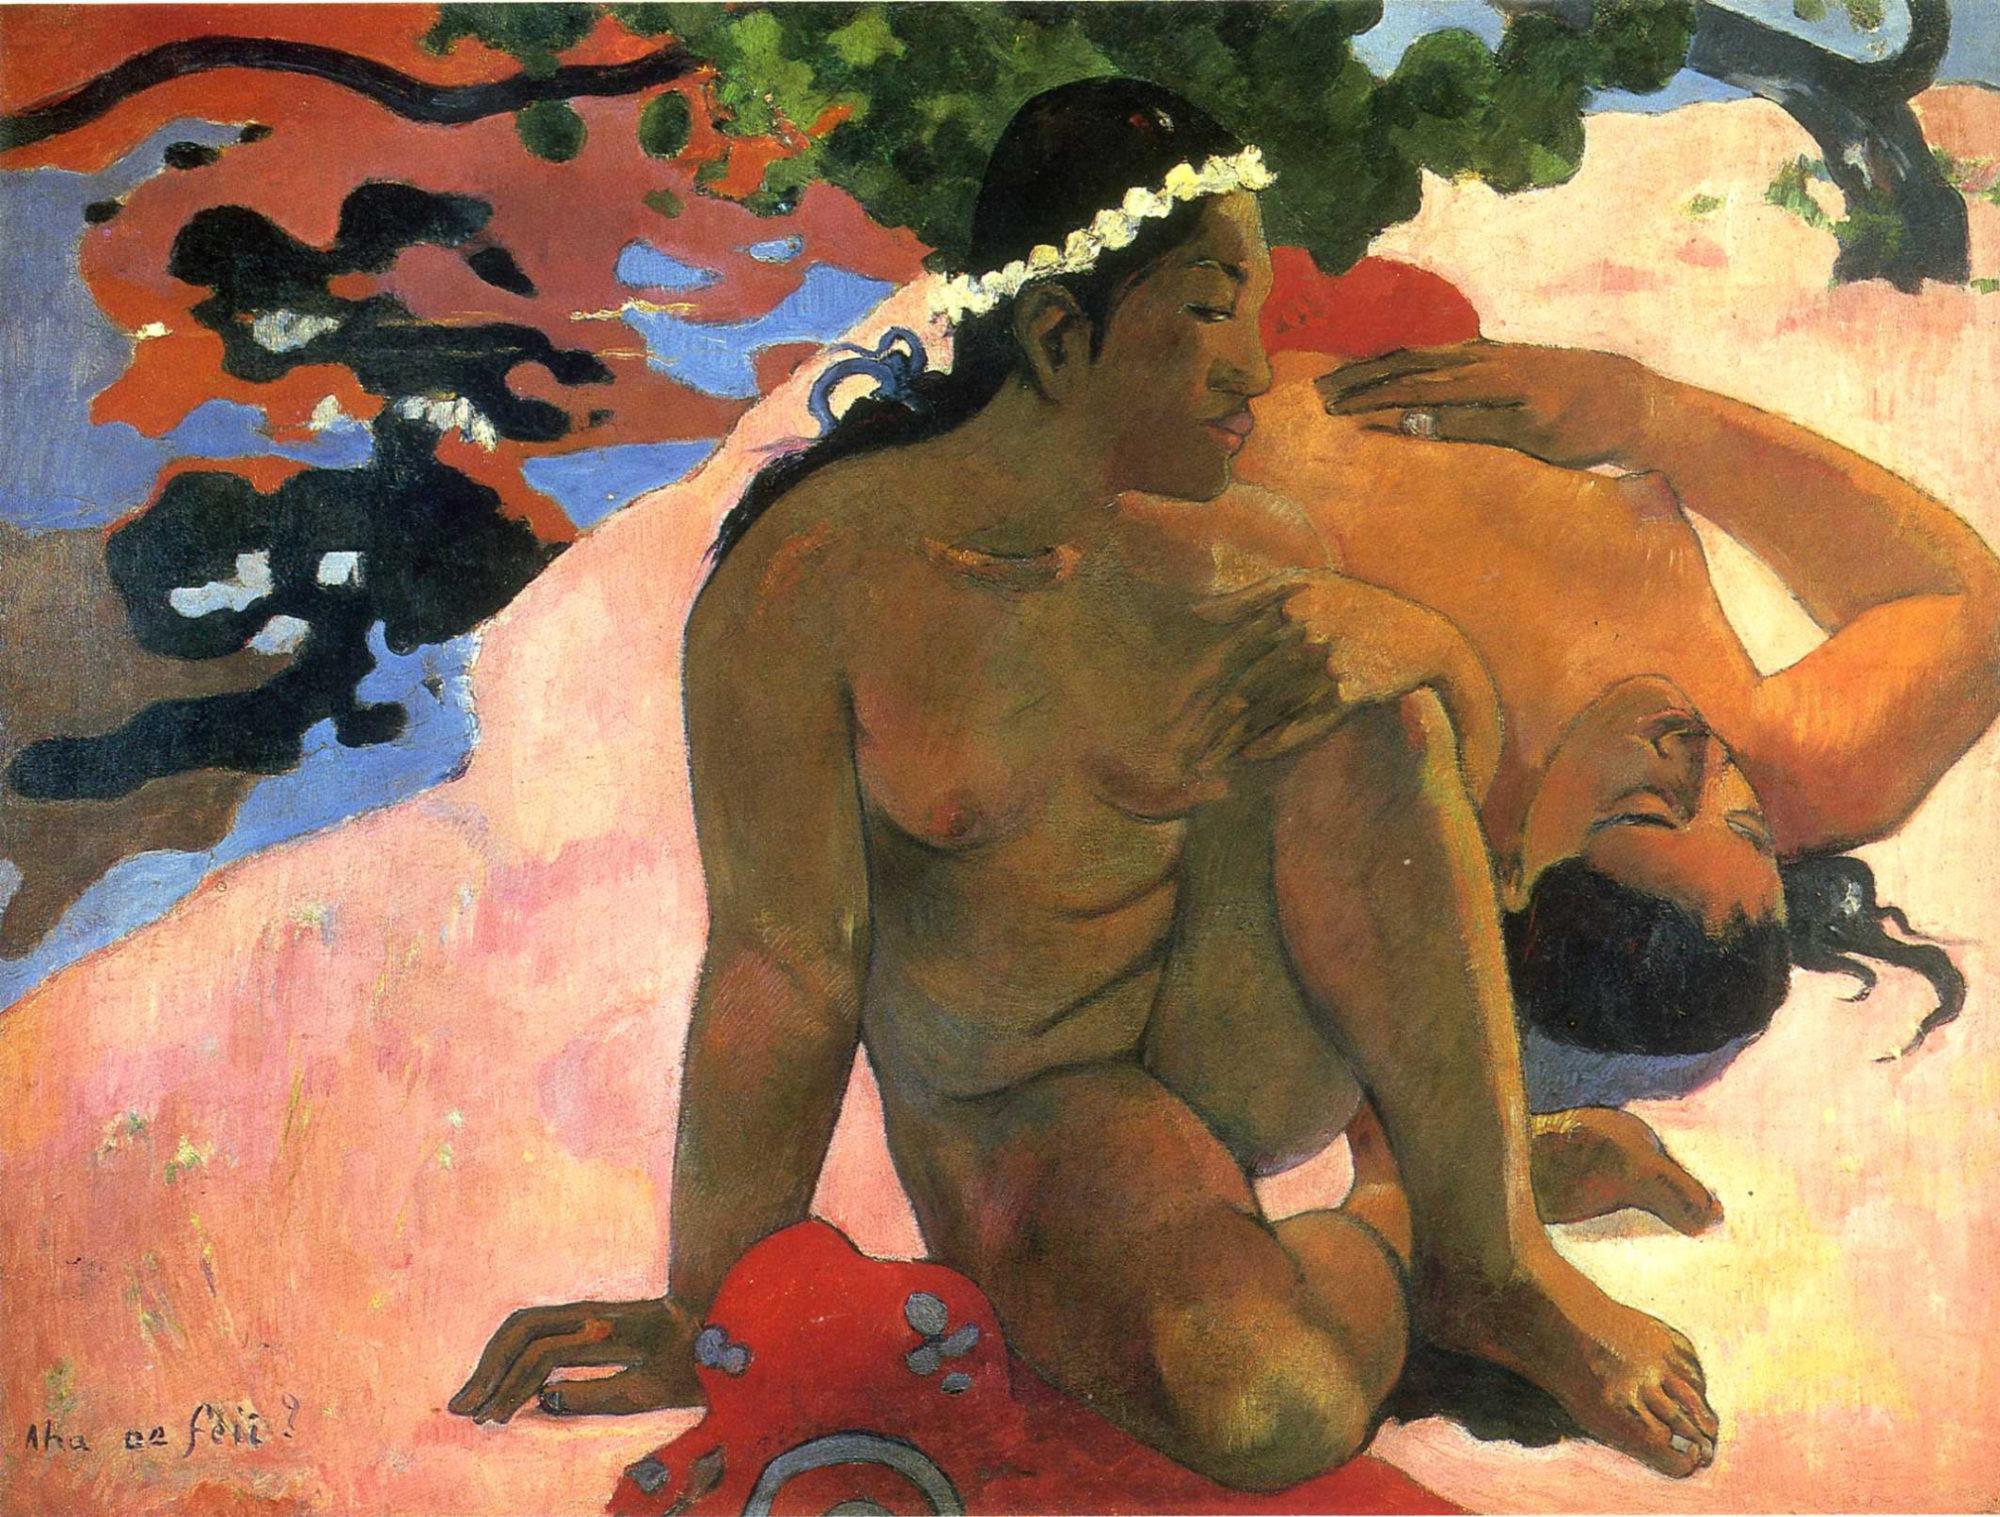 Поль Гоген, 1892 год, картина «А ты ревнуешь?».